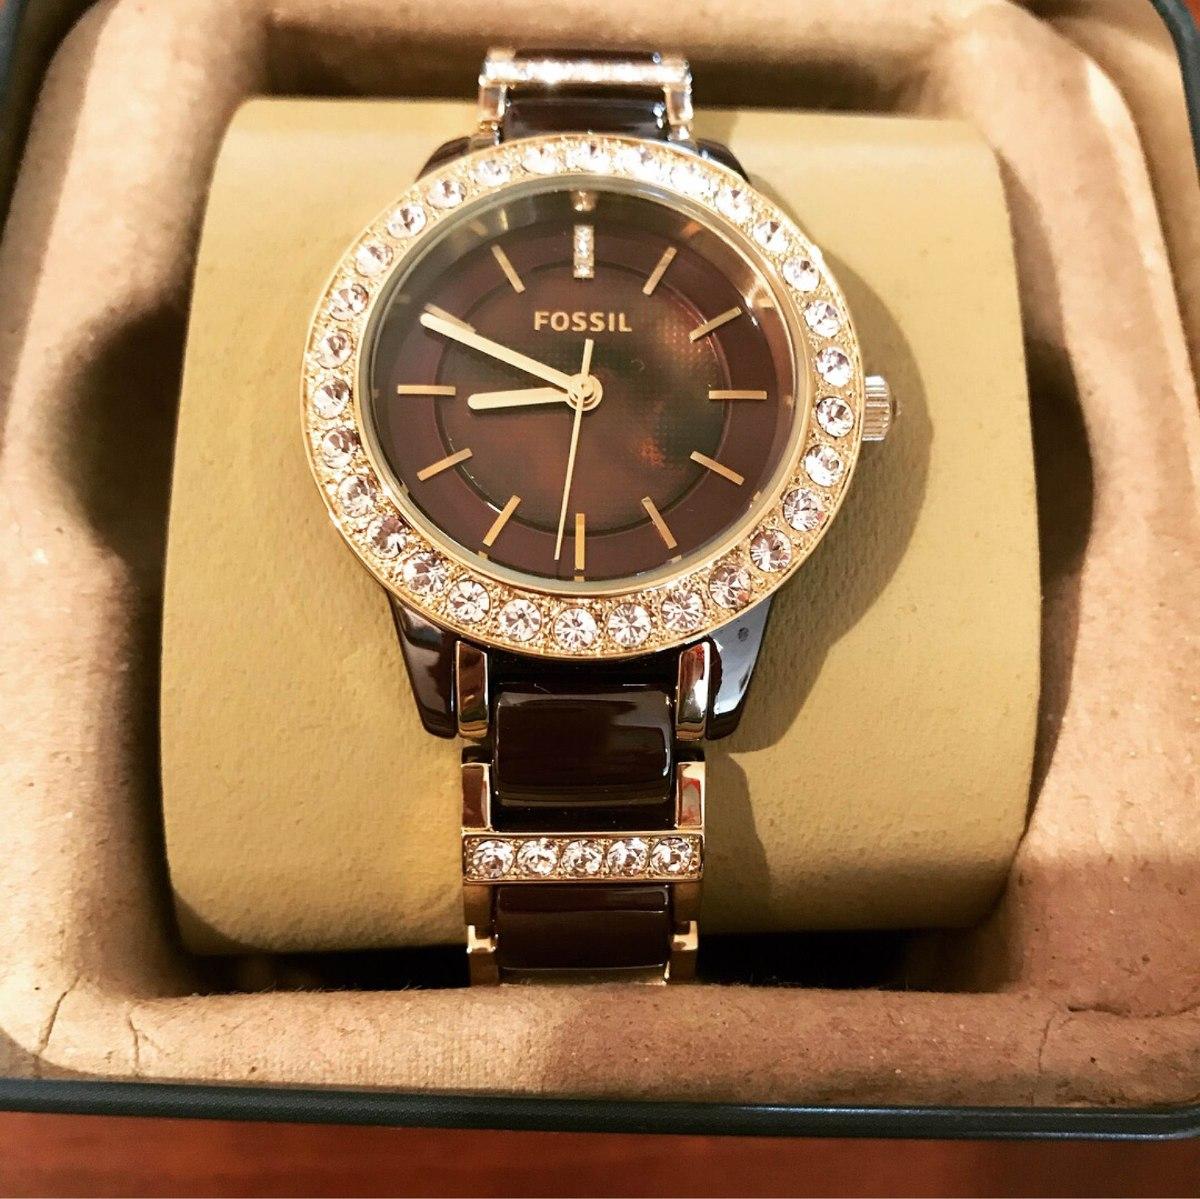 c24f9b70304 relógio da fóssil original novo importado feminino. Carregando zoom.